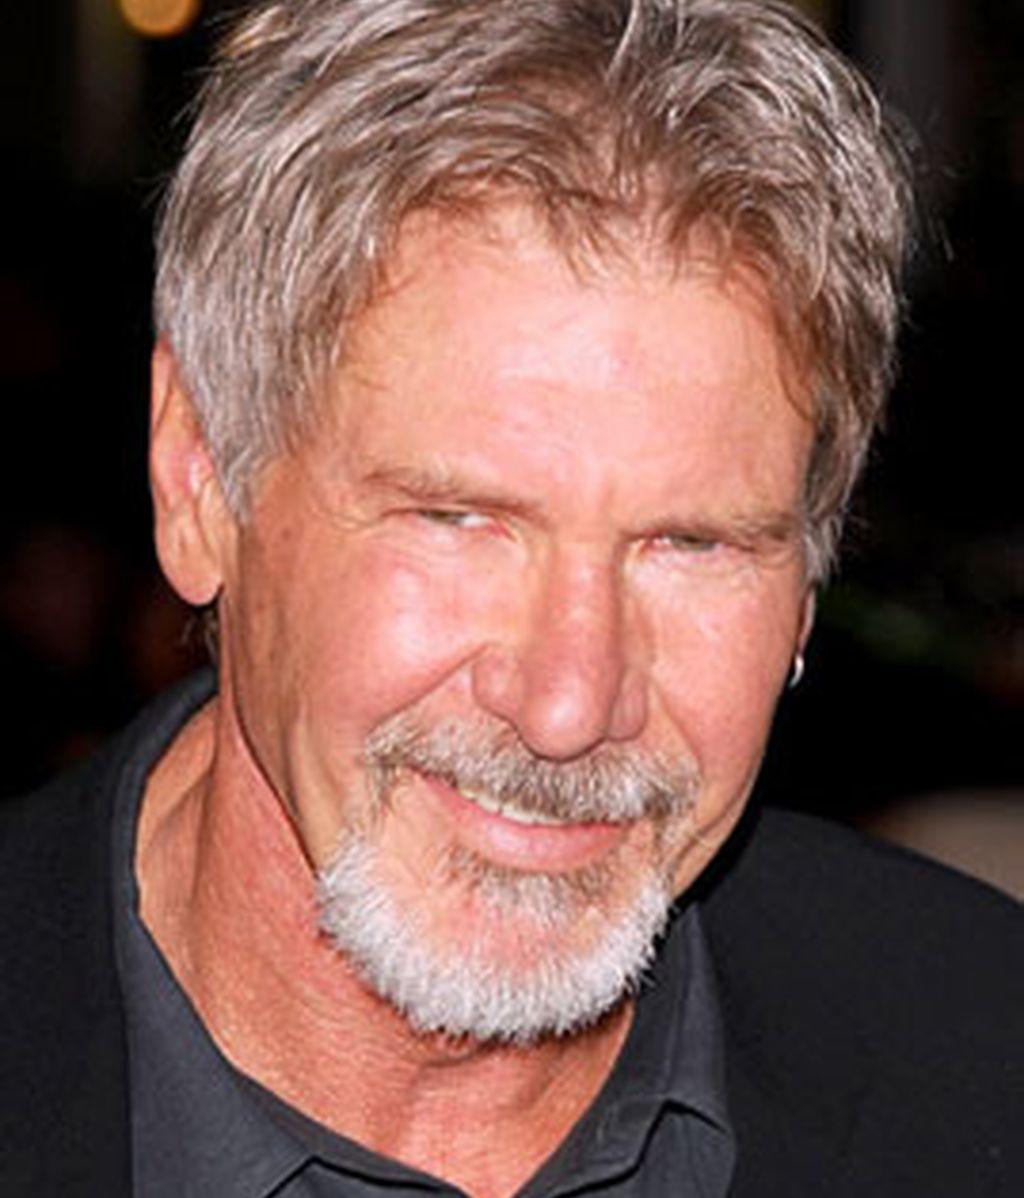 El actor Harrinson Ford a sus 67 años es el actor mejor pagado de Hollywood. Foto archivo